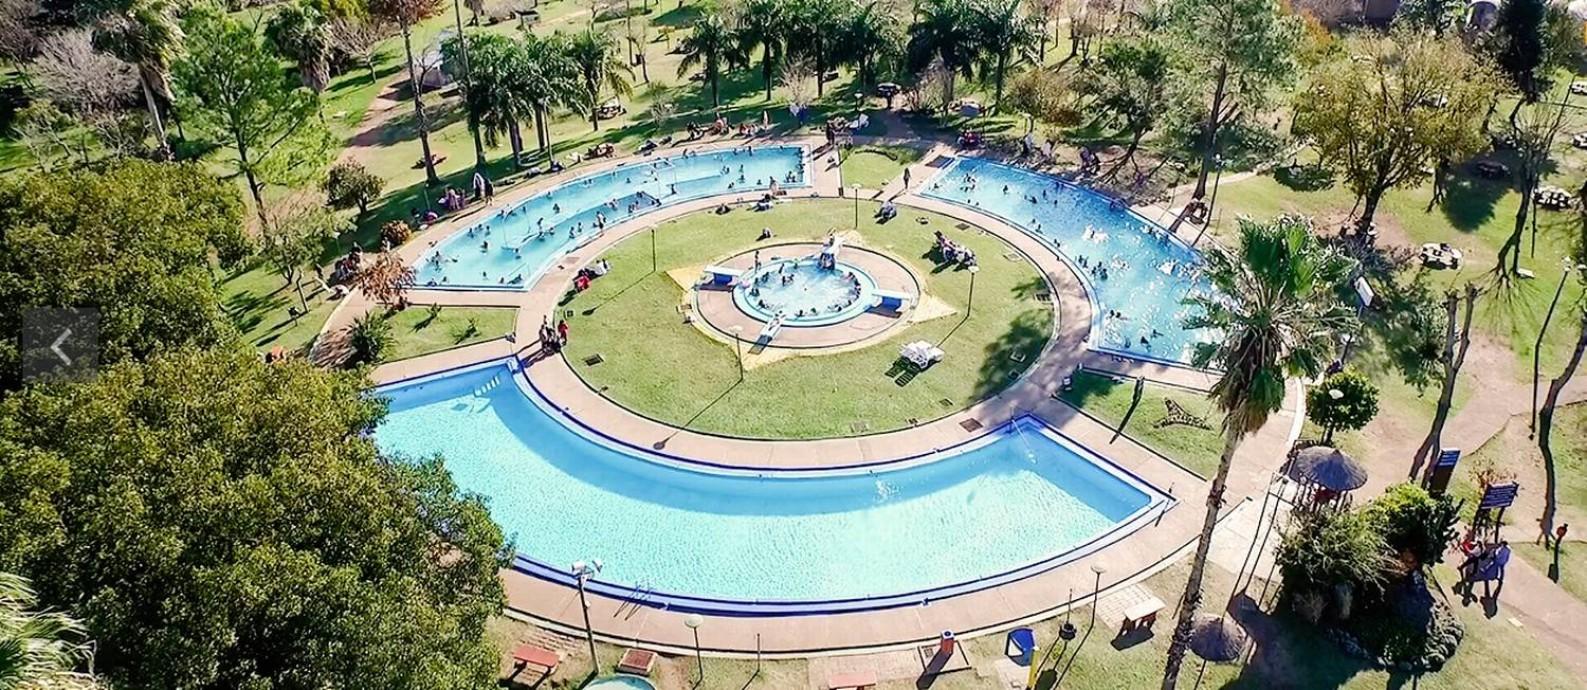 Resorts com termas são atrações populares em Salto, no Uruguai Foto: Ministério do Turismo do Uruguai / Reprodução